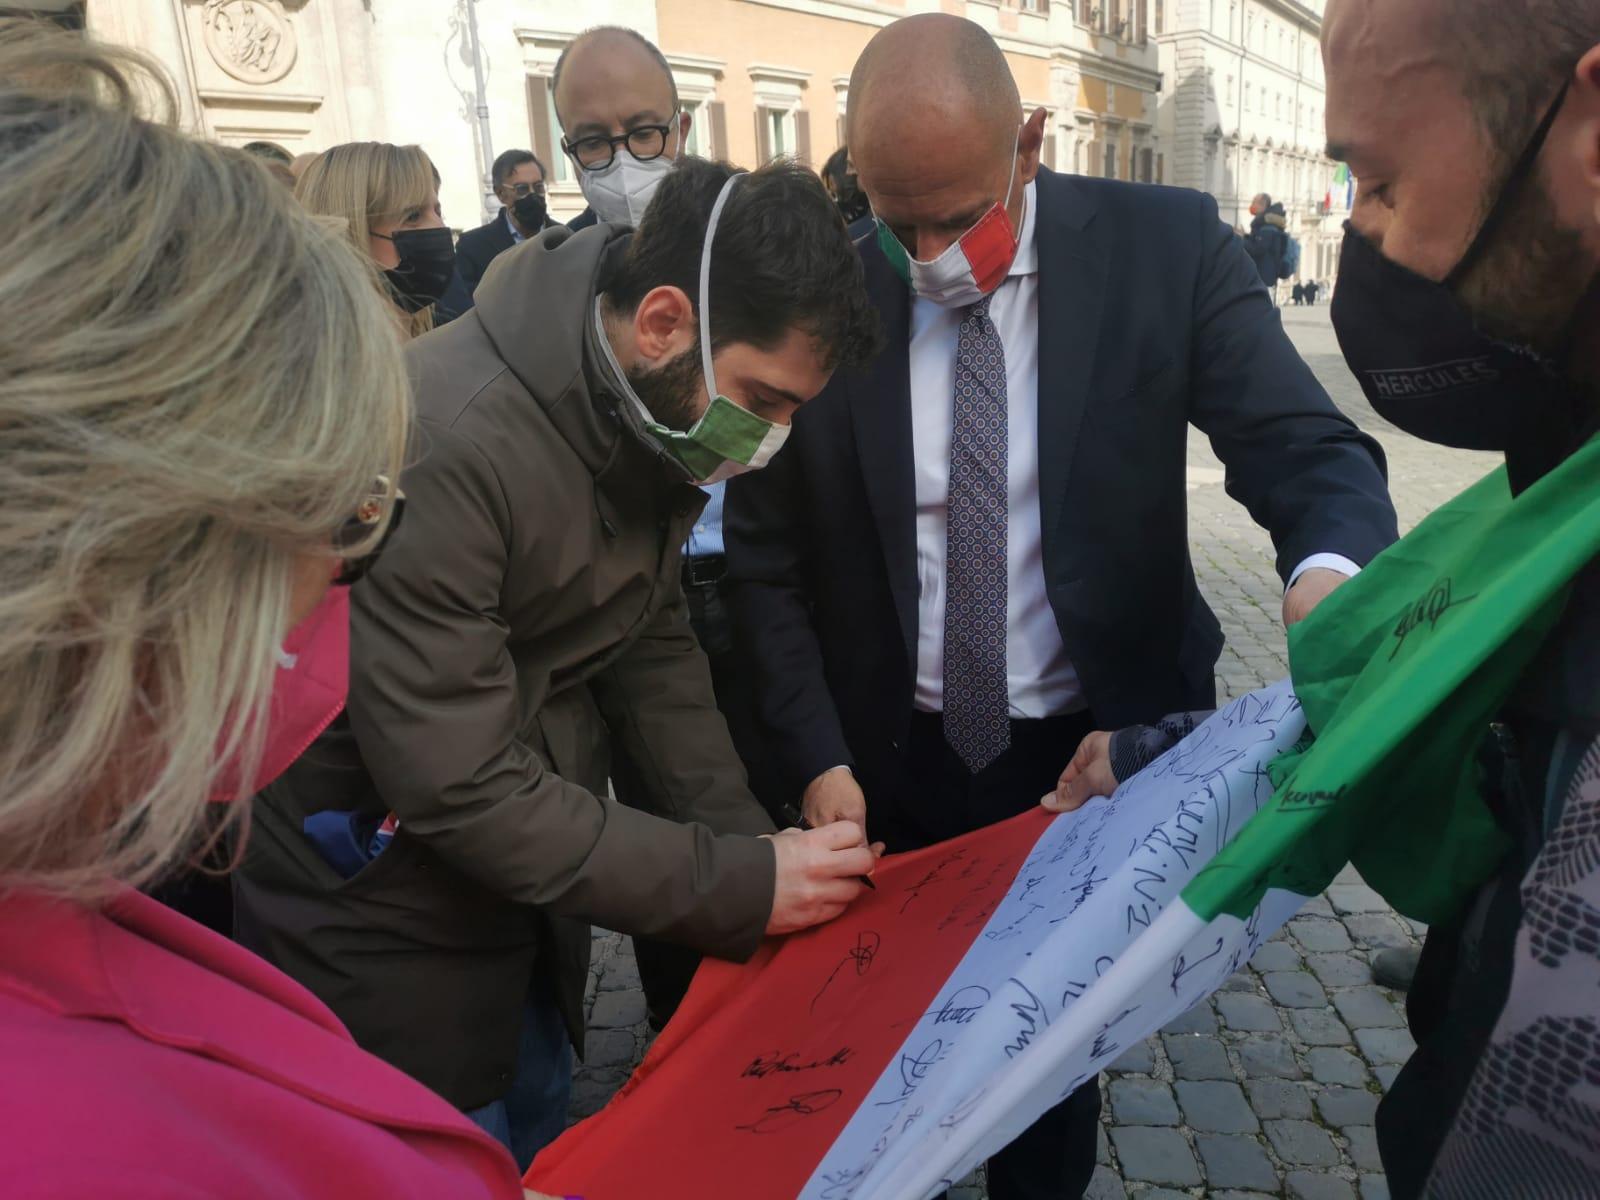 Fabio Roscani, presidente di Gioventù Nazionale, movimento giovanile di Fratelli d'Italia